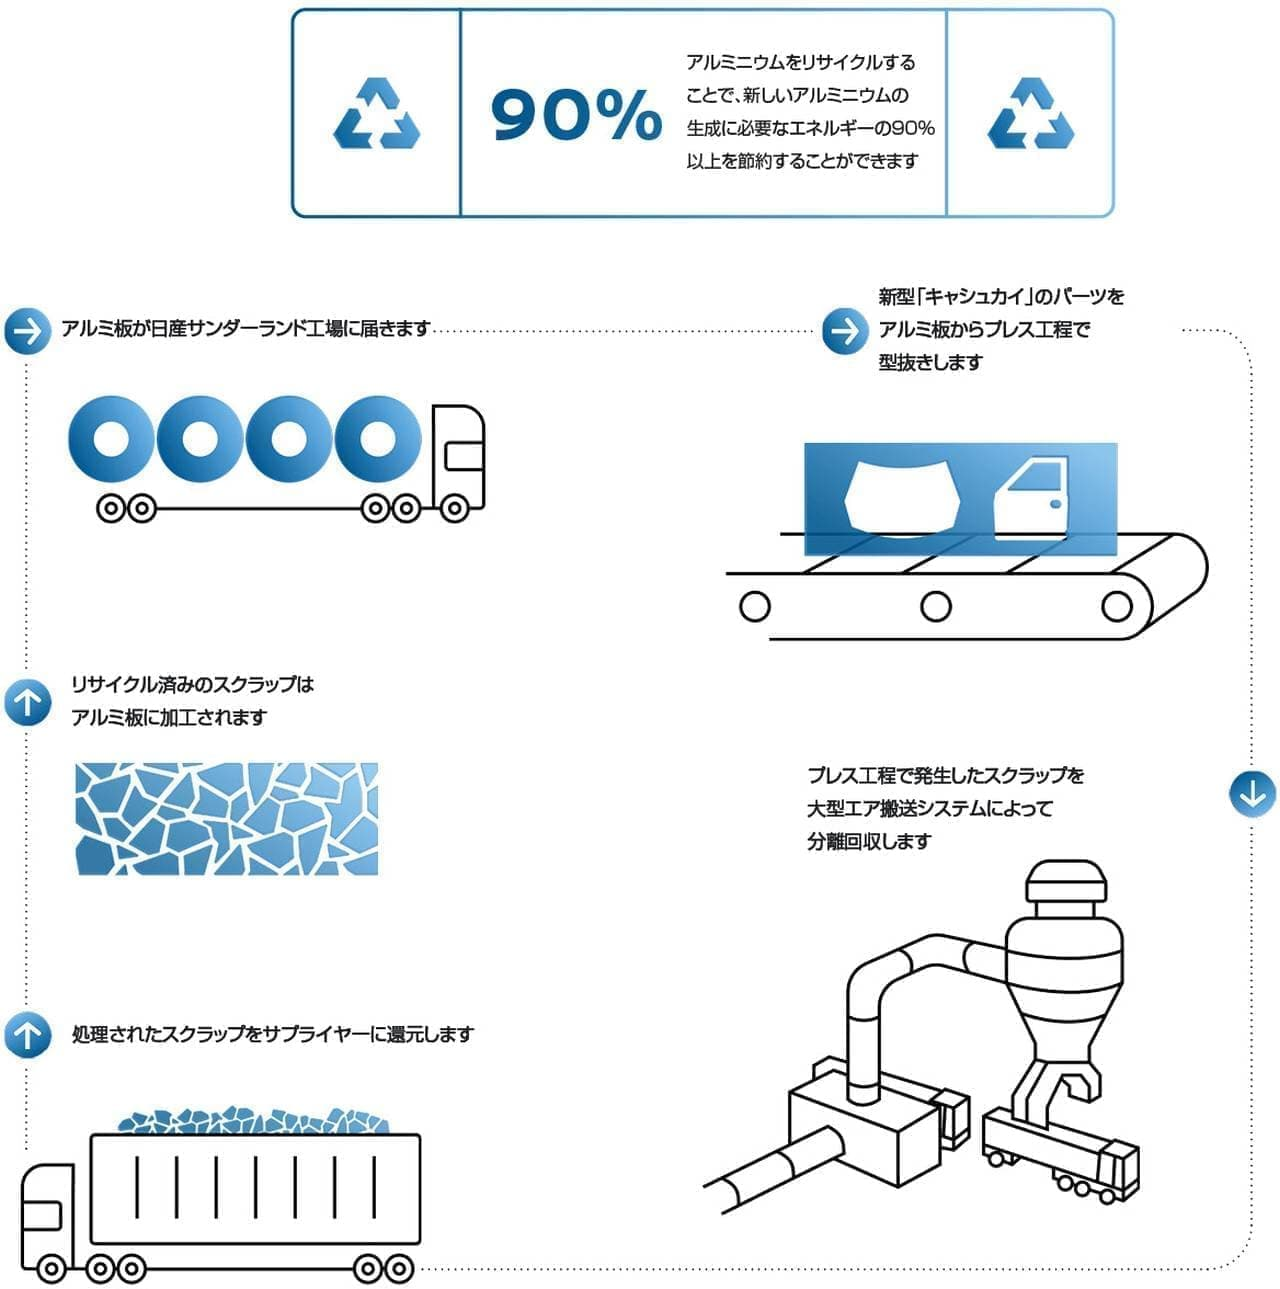 アルミ生成に必要なエネルギーの90%以上を節約!日産「キャシュカイ」アルミパーツにクローズドループ・リサイクル